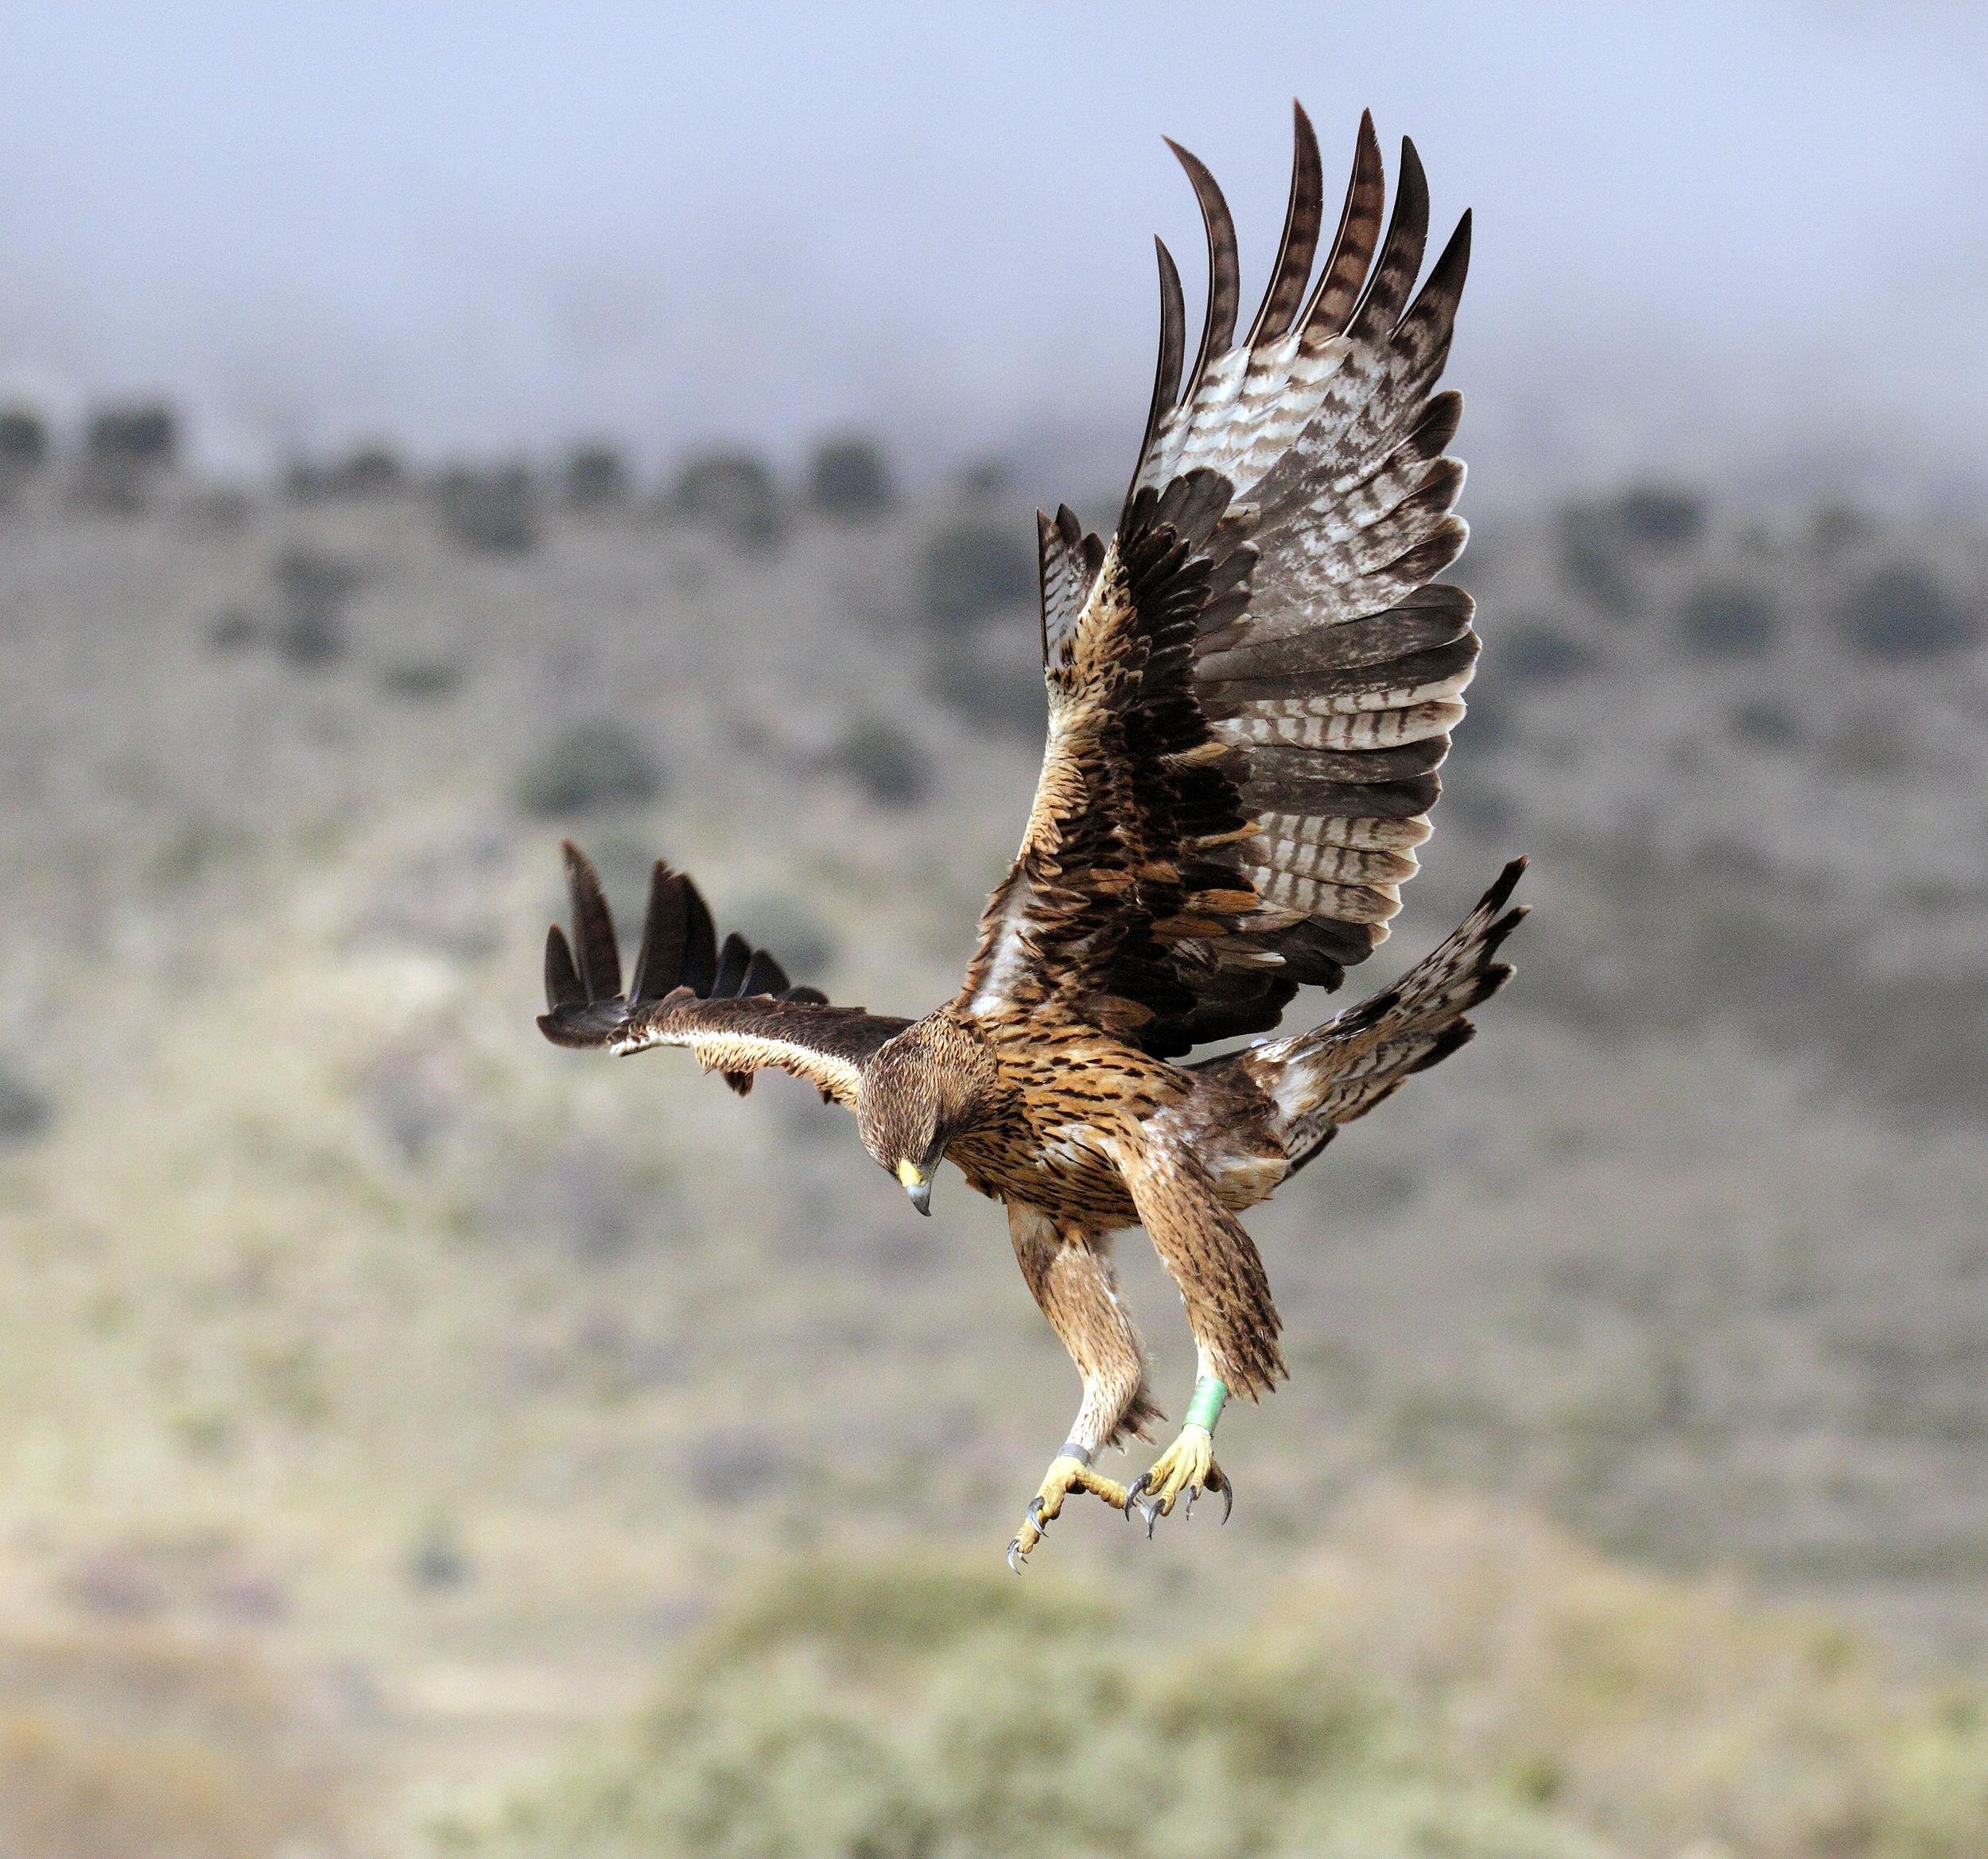 Foto de archivo de una de las águilas de Bonelli que ha criado en 2020 en la Comunidad de Madrid, cuando aún tenía plumaje juvenil. Imagen: Sergio de la Fuente / Grefa